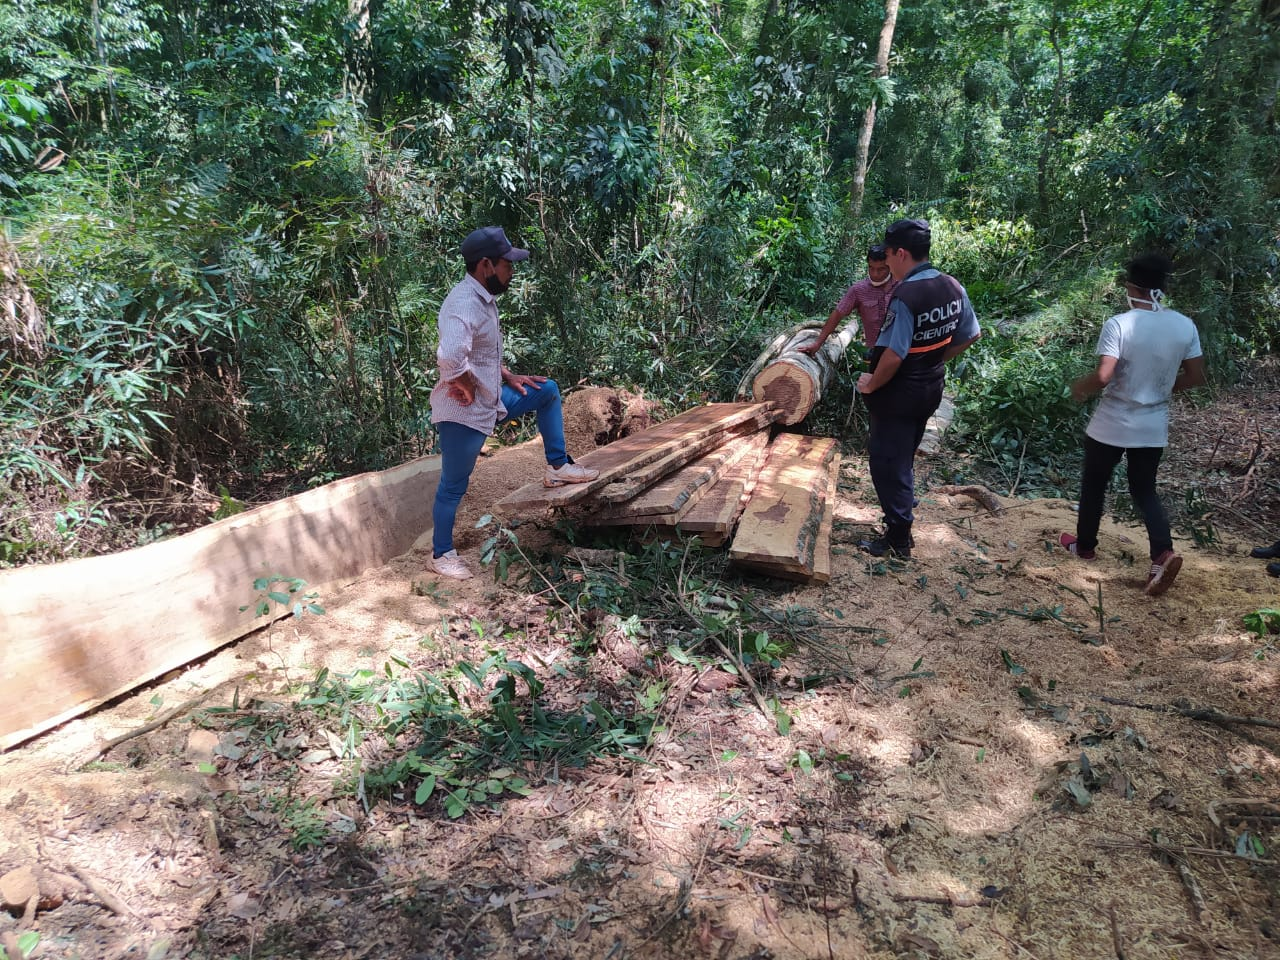 Denuncian corte y robo de madera nativa en comunidad Tajy Poty